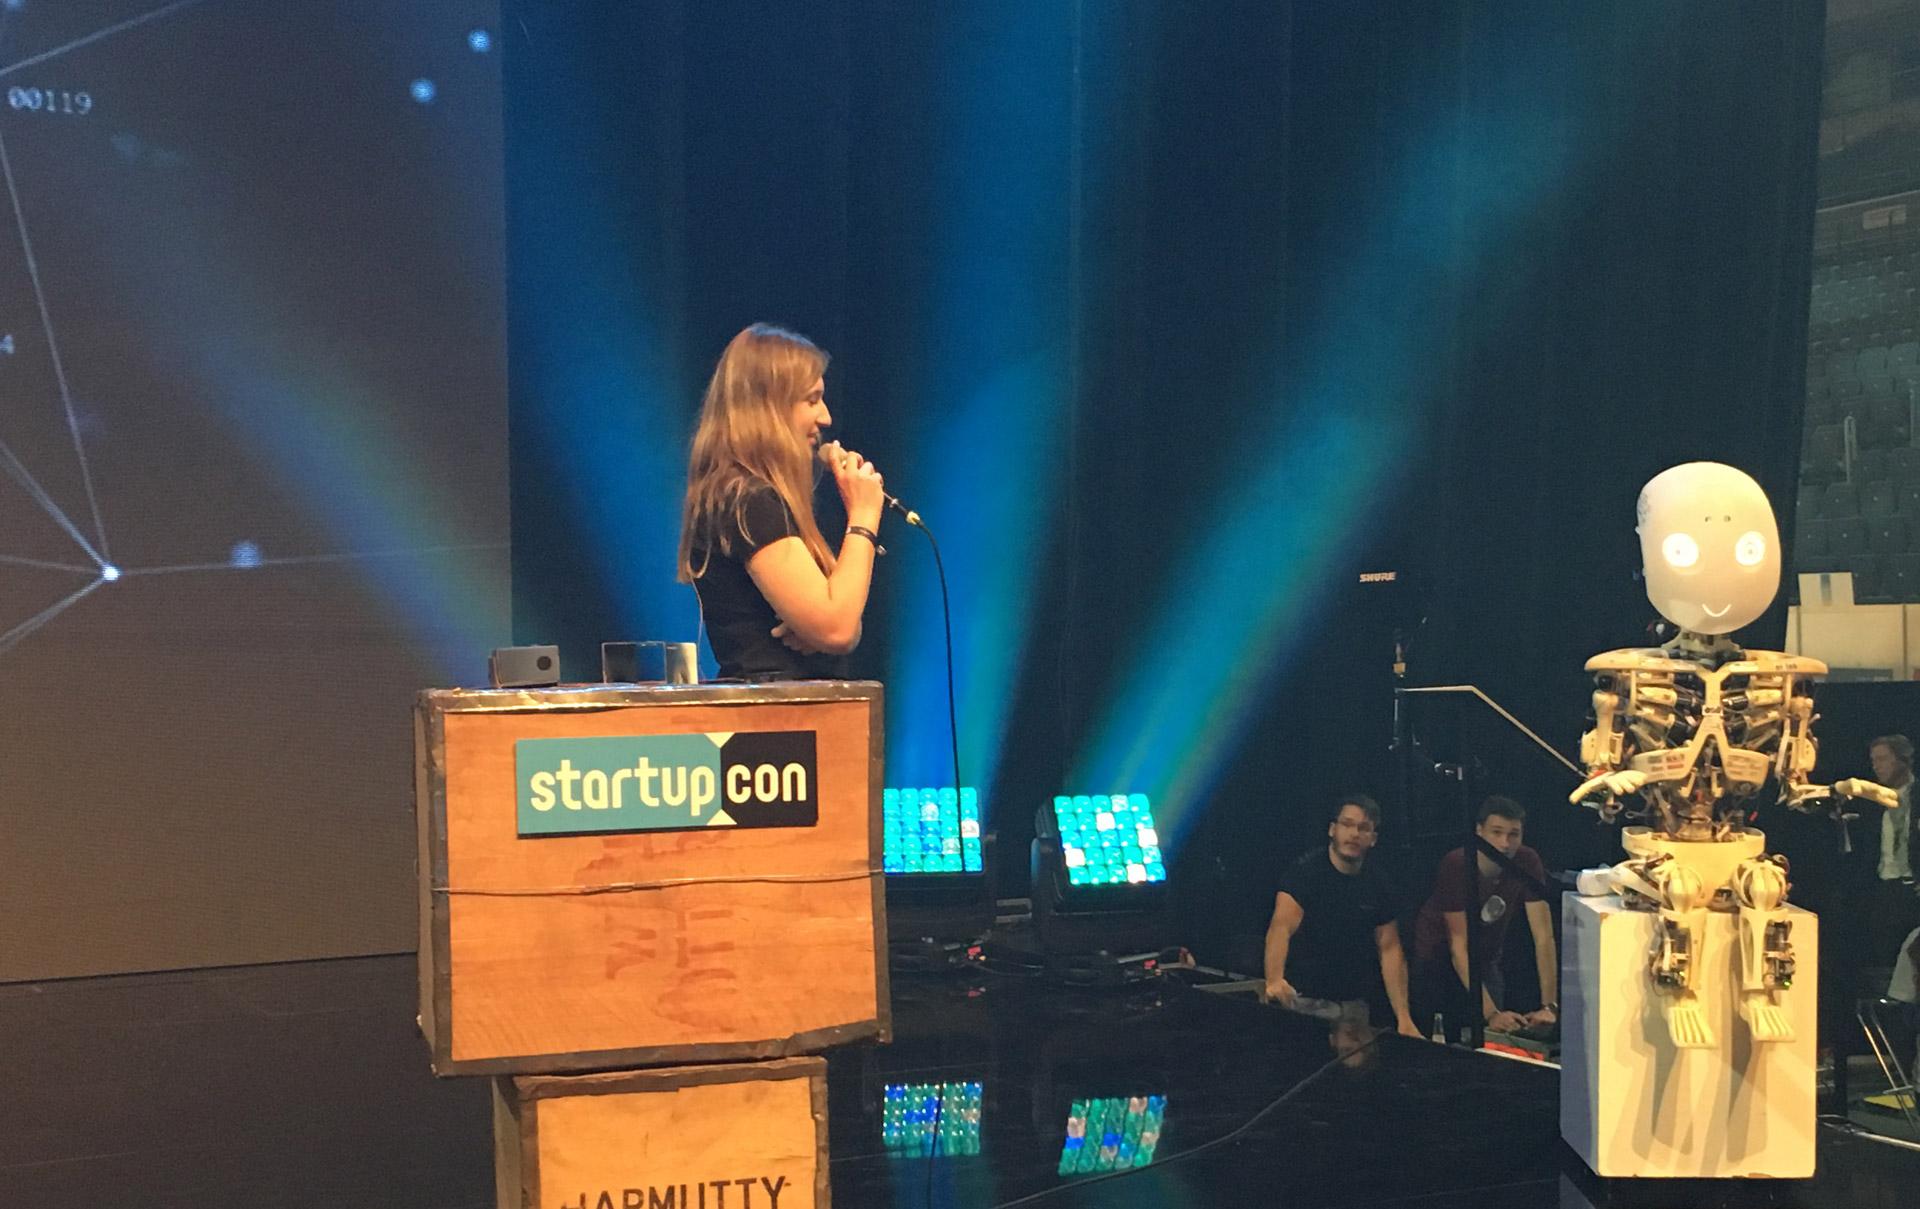 StartupCon 2017 - Increasing diversity